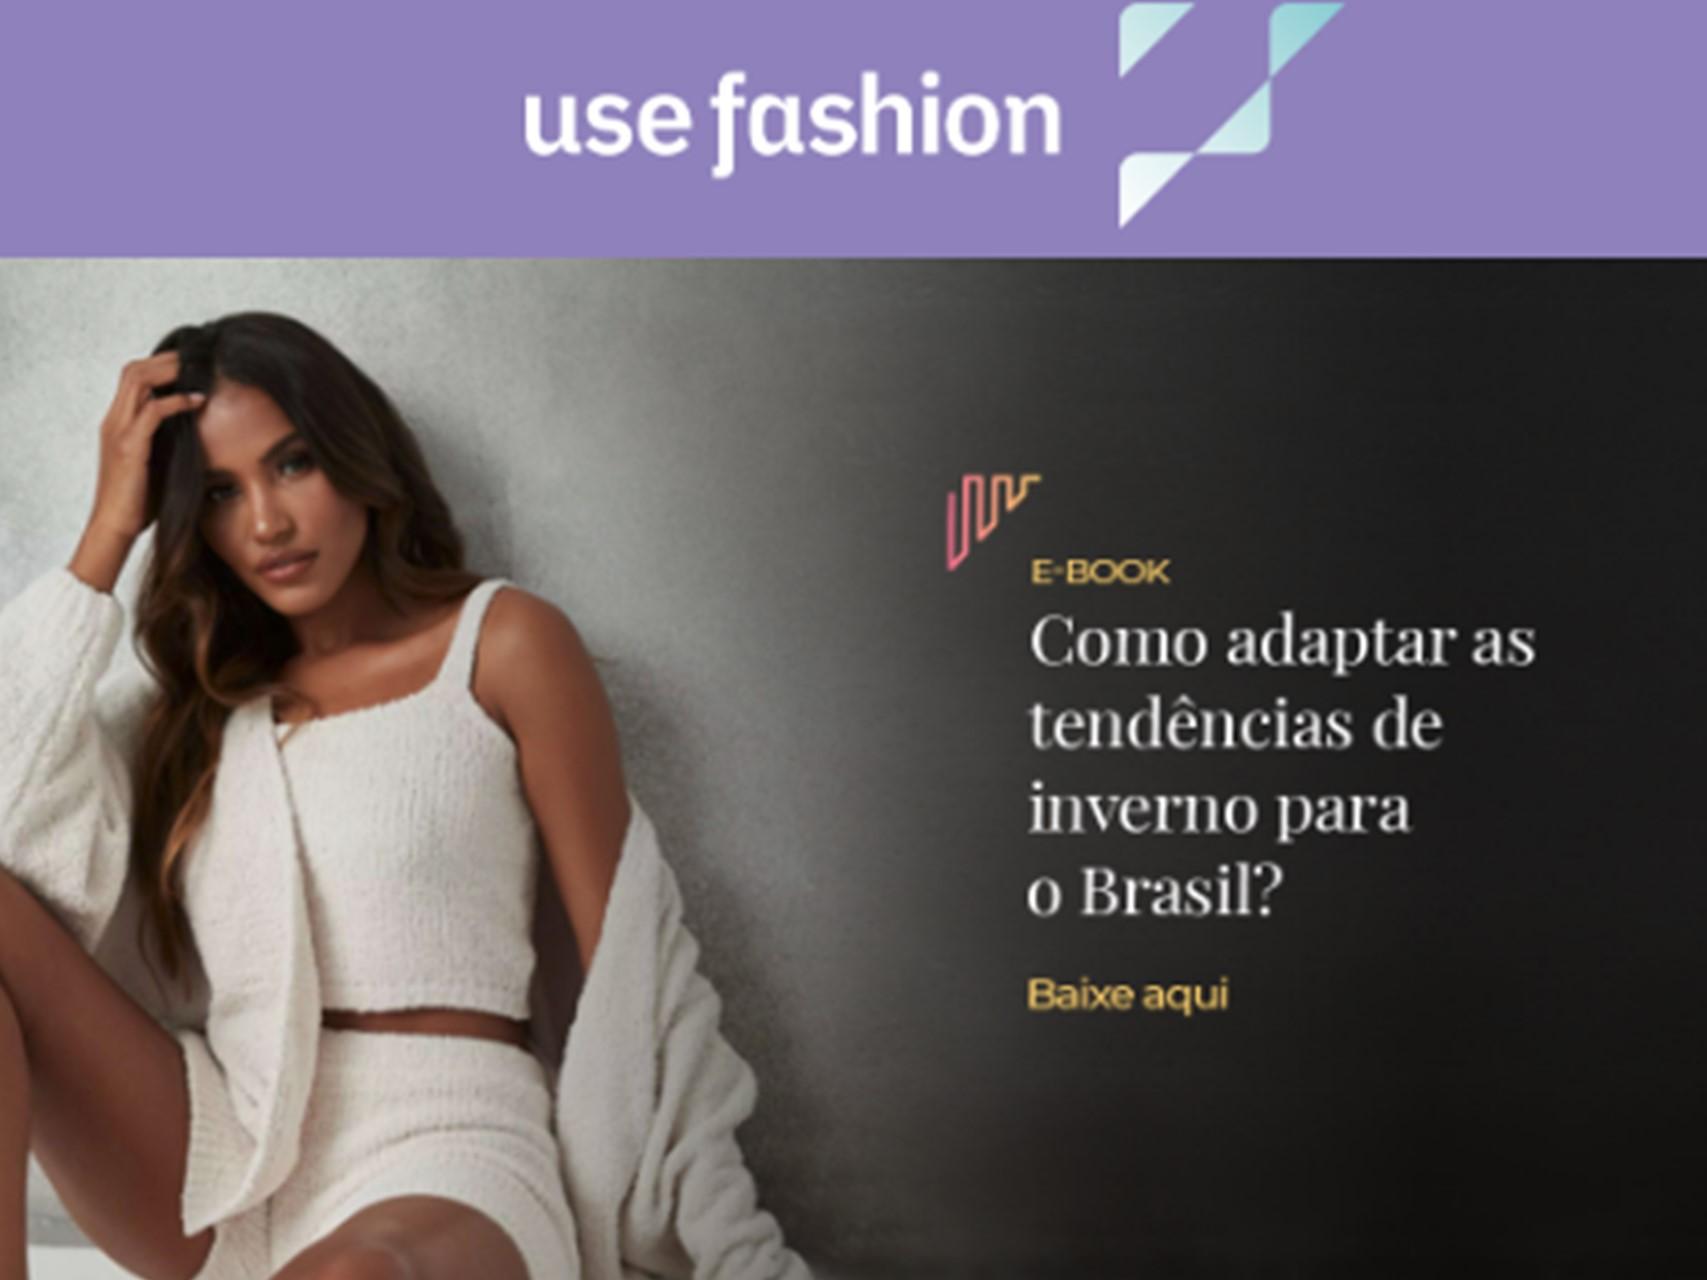 Use Fashion: Como adaptar tendências de inverno para o Brasil? (E-book)